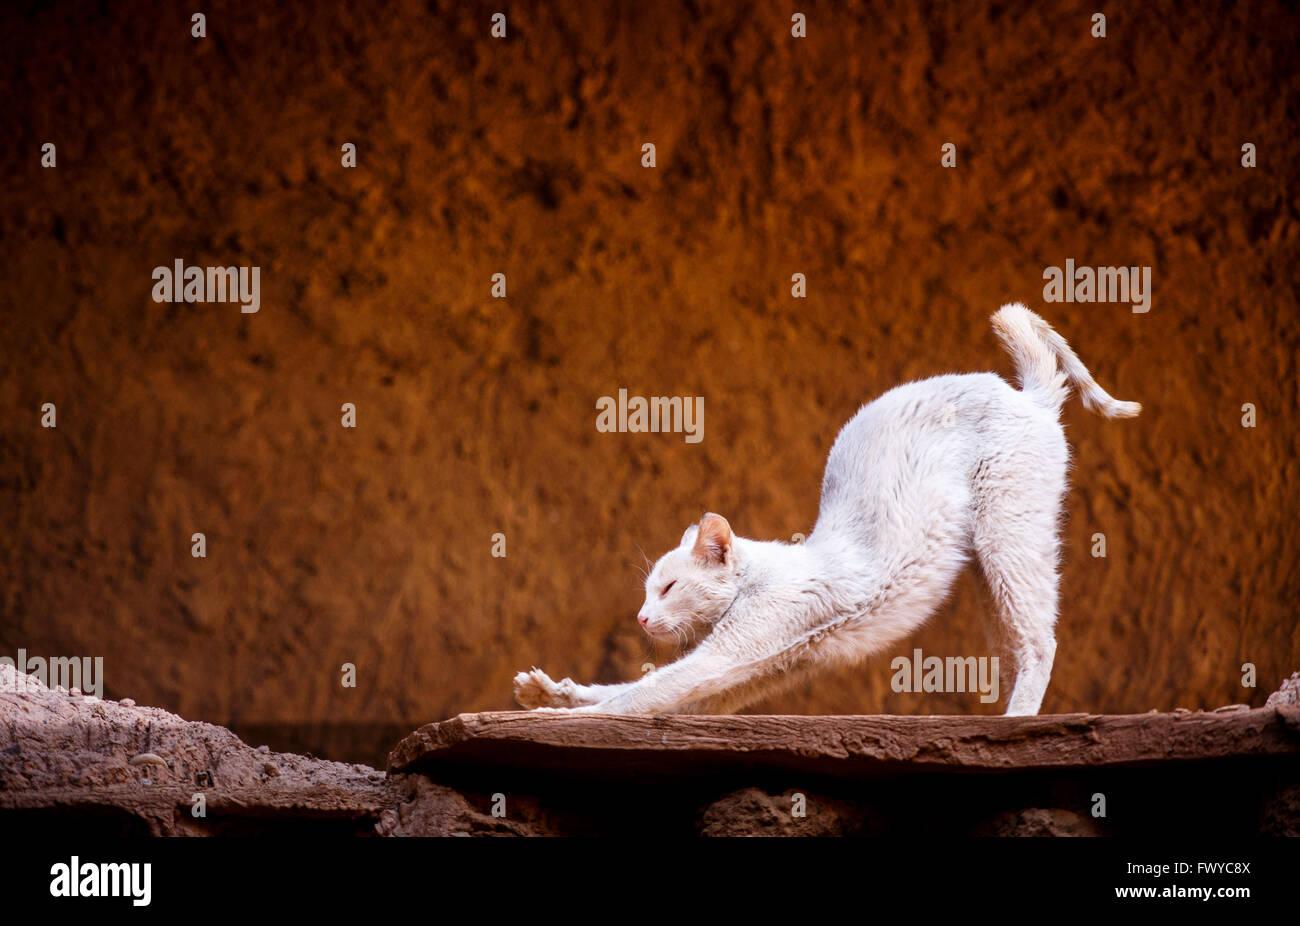 Yoga bianco gatto facendo verso il basso rivolto verso il basso cane pongono Immagini Stock